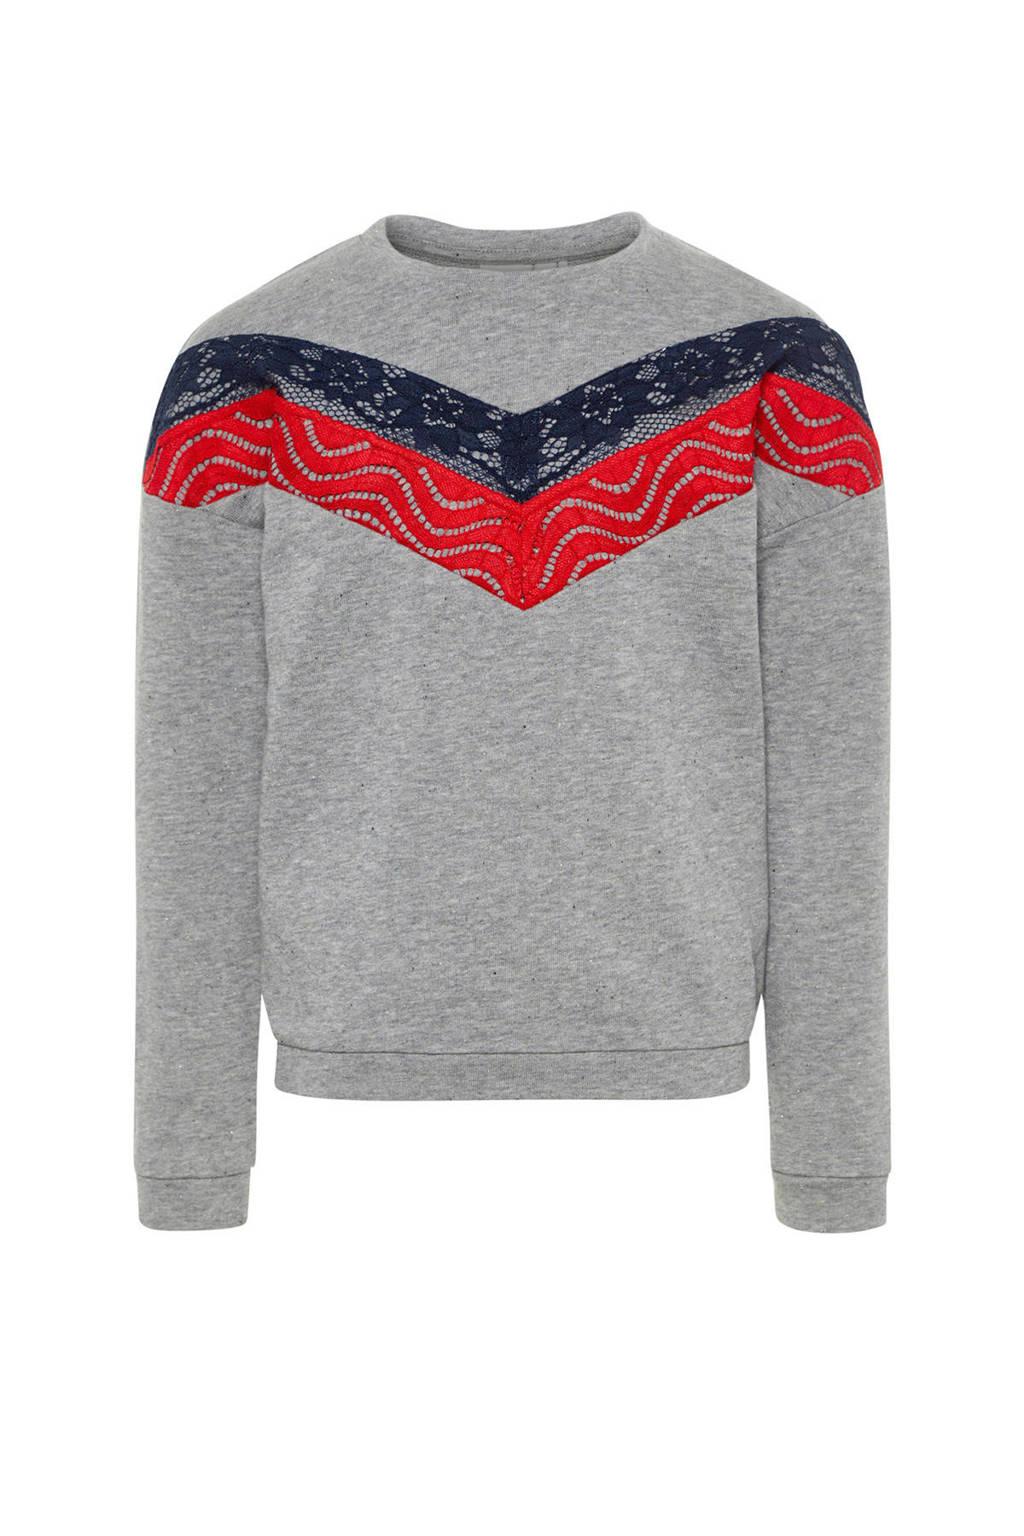 name it sweater Bia met kant grijs, Grijs/blauw/rood